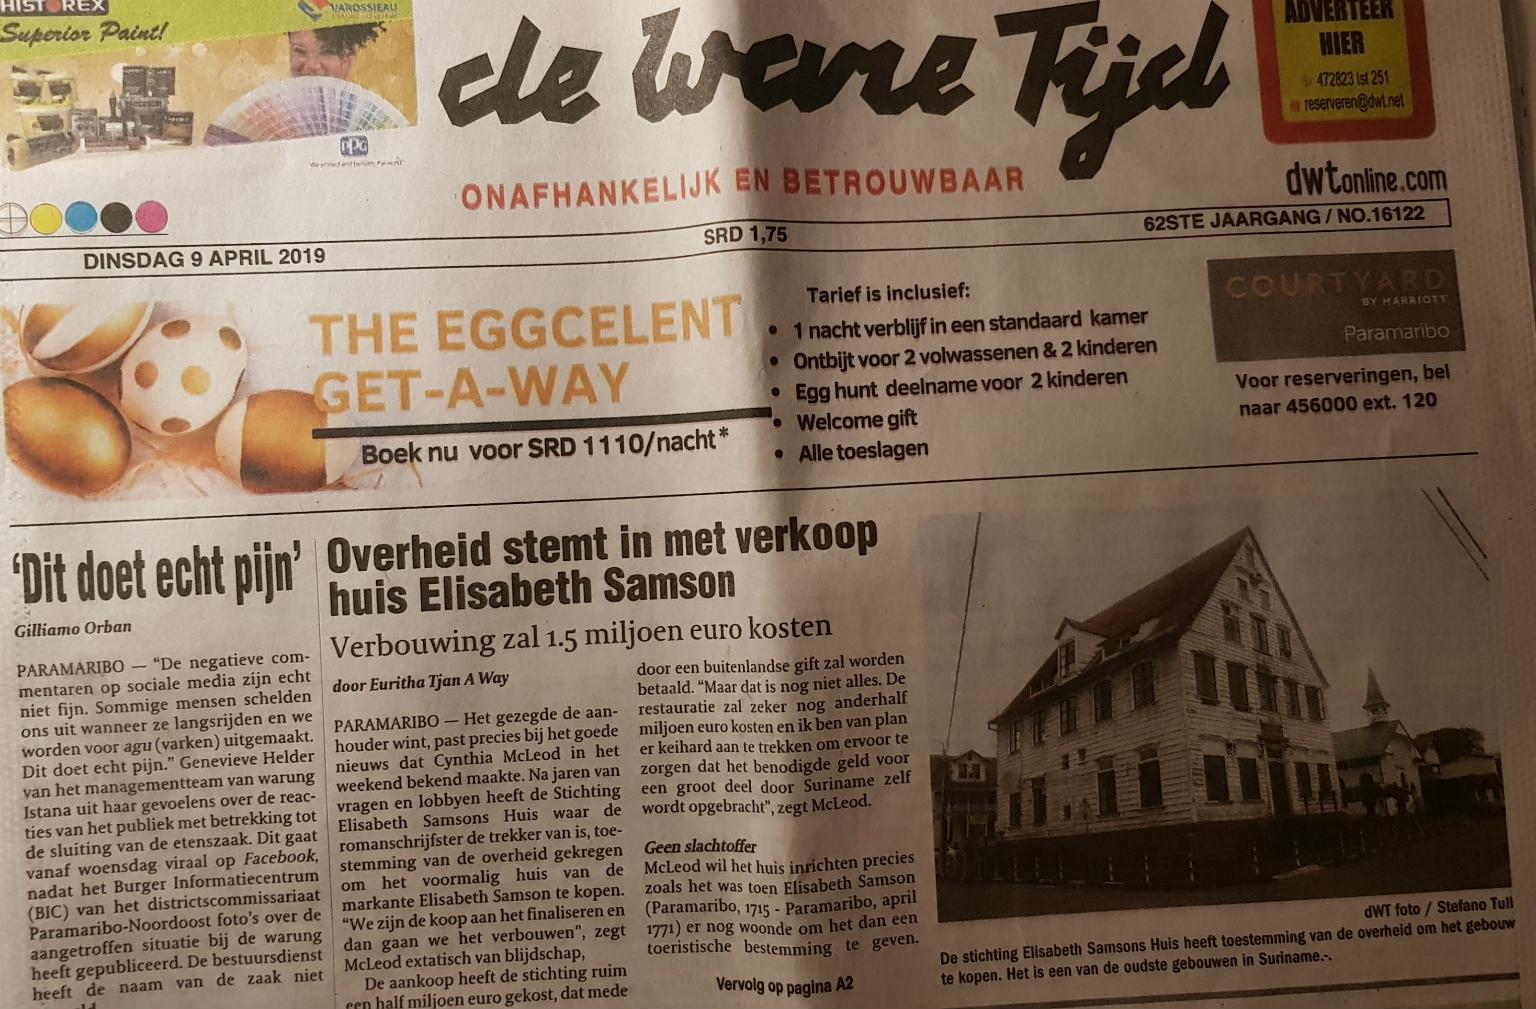 Krant De Ware Tijd over Elisabeth Samson Huis